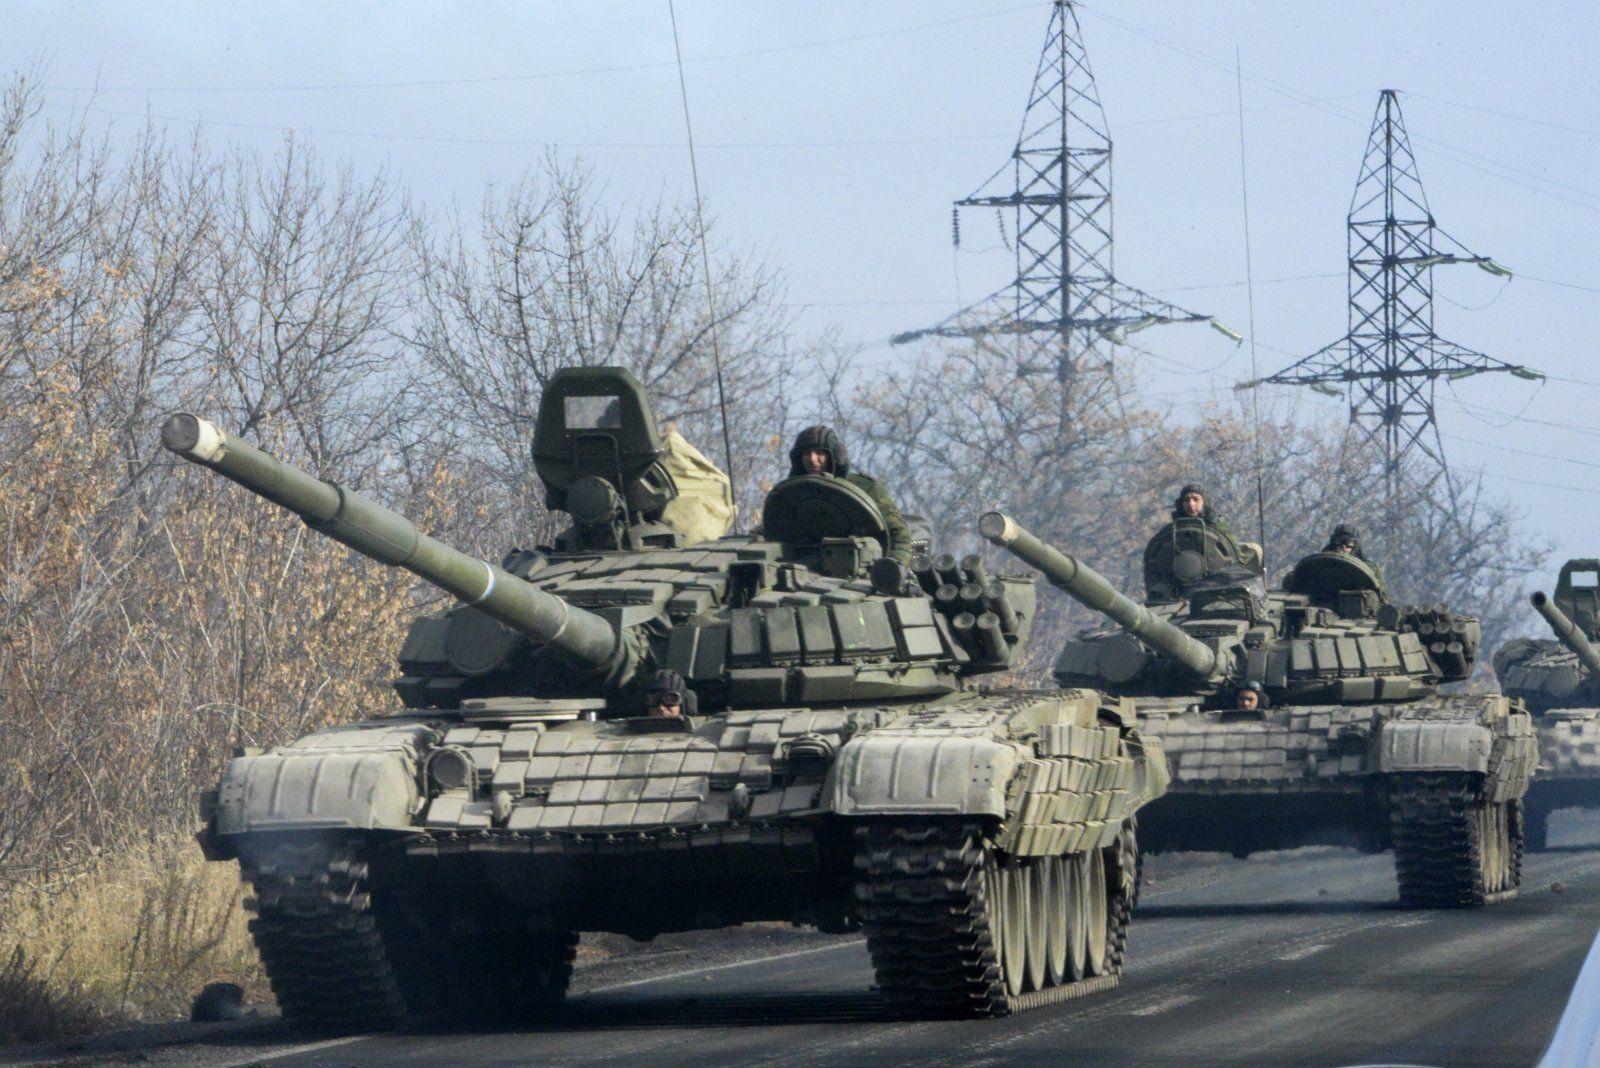 Колонна российских танков угодила в аварию под Новосибирском: столкновение на шоссе попало на видео